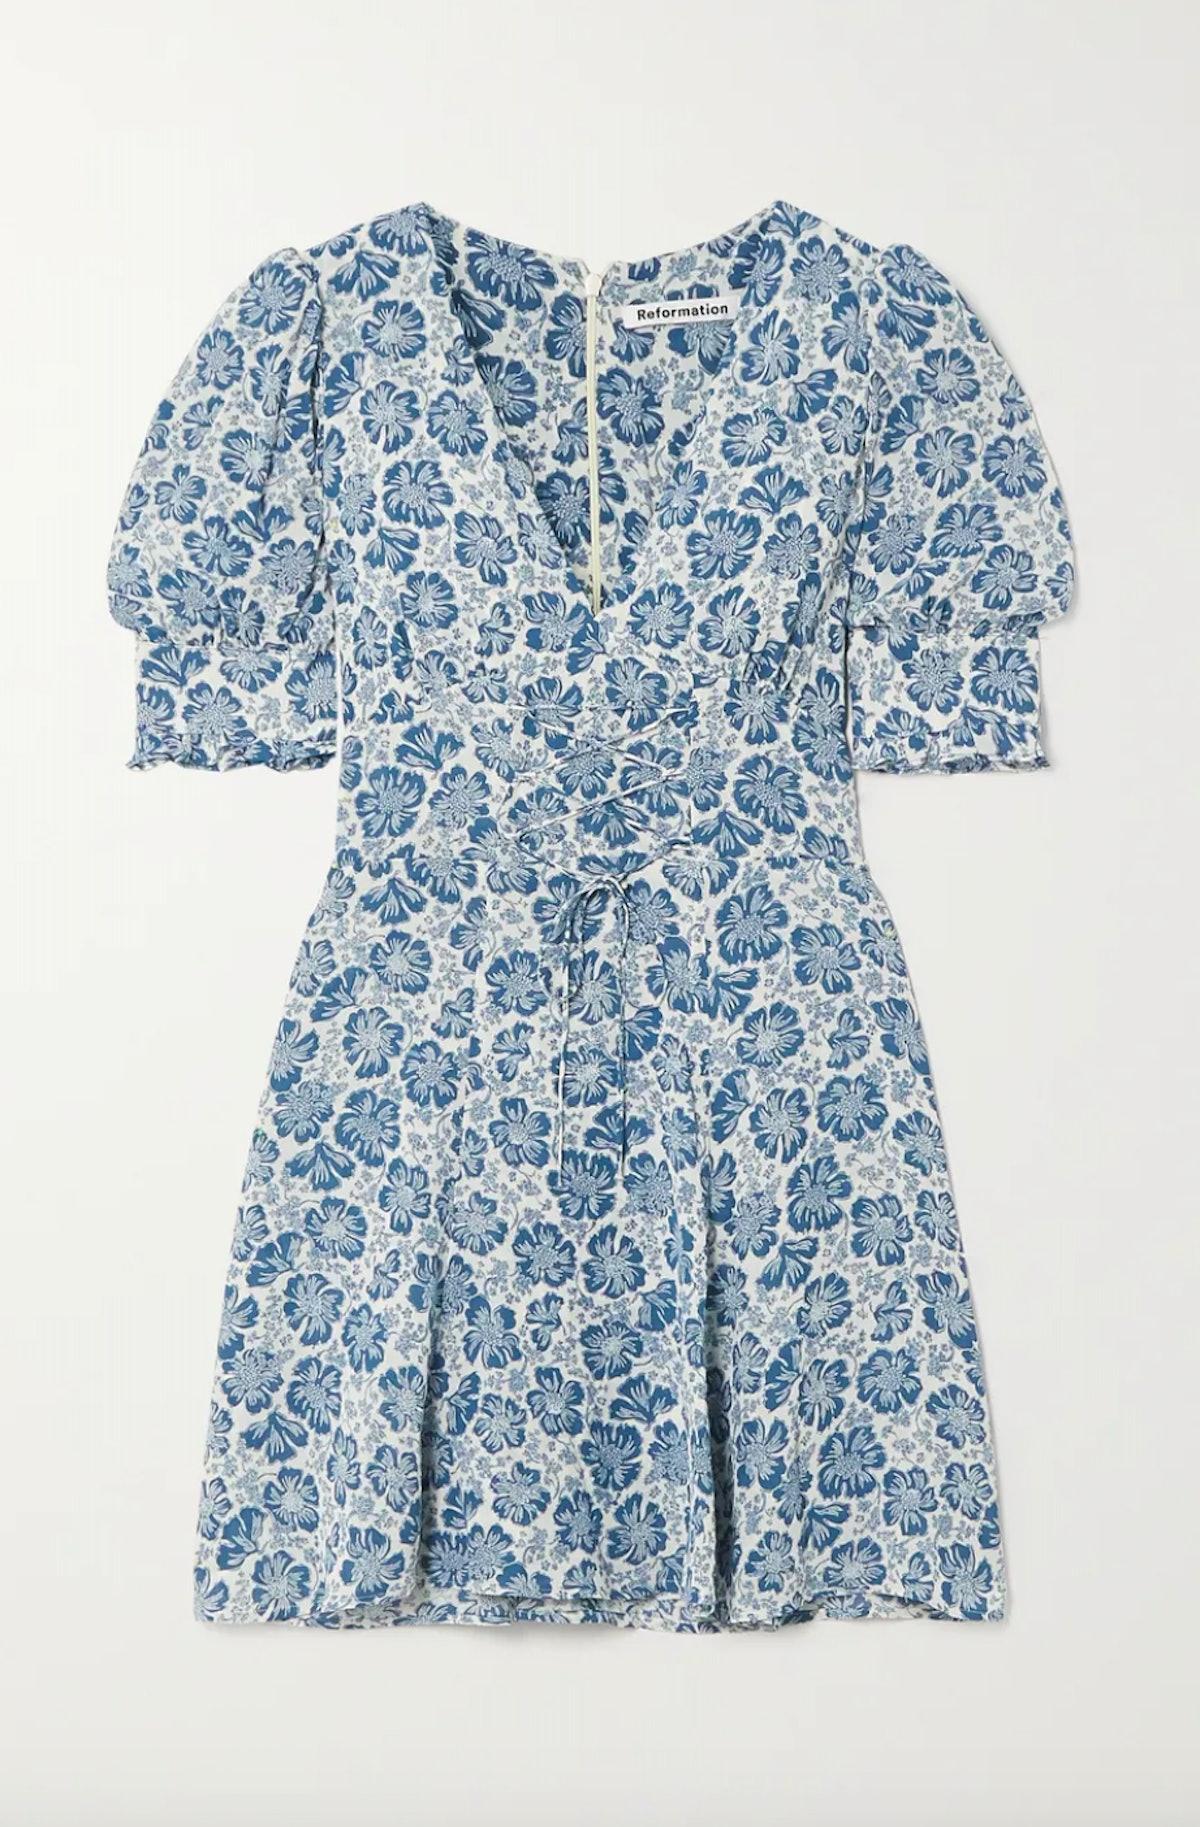 Steph Lace-Up Floral Dress